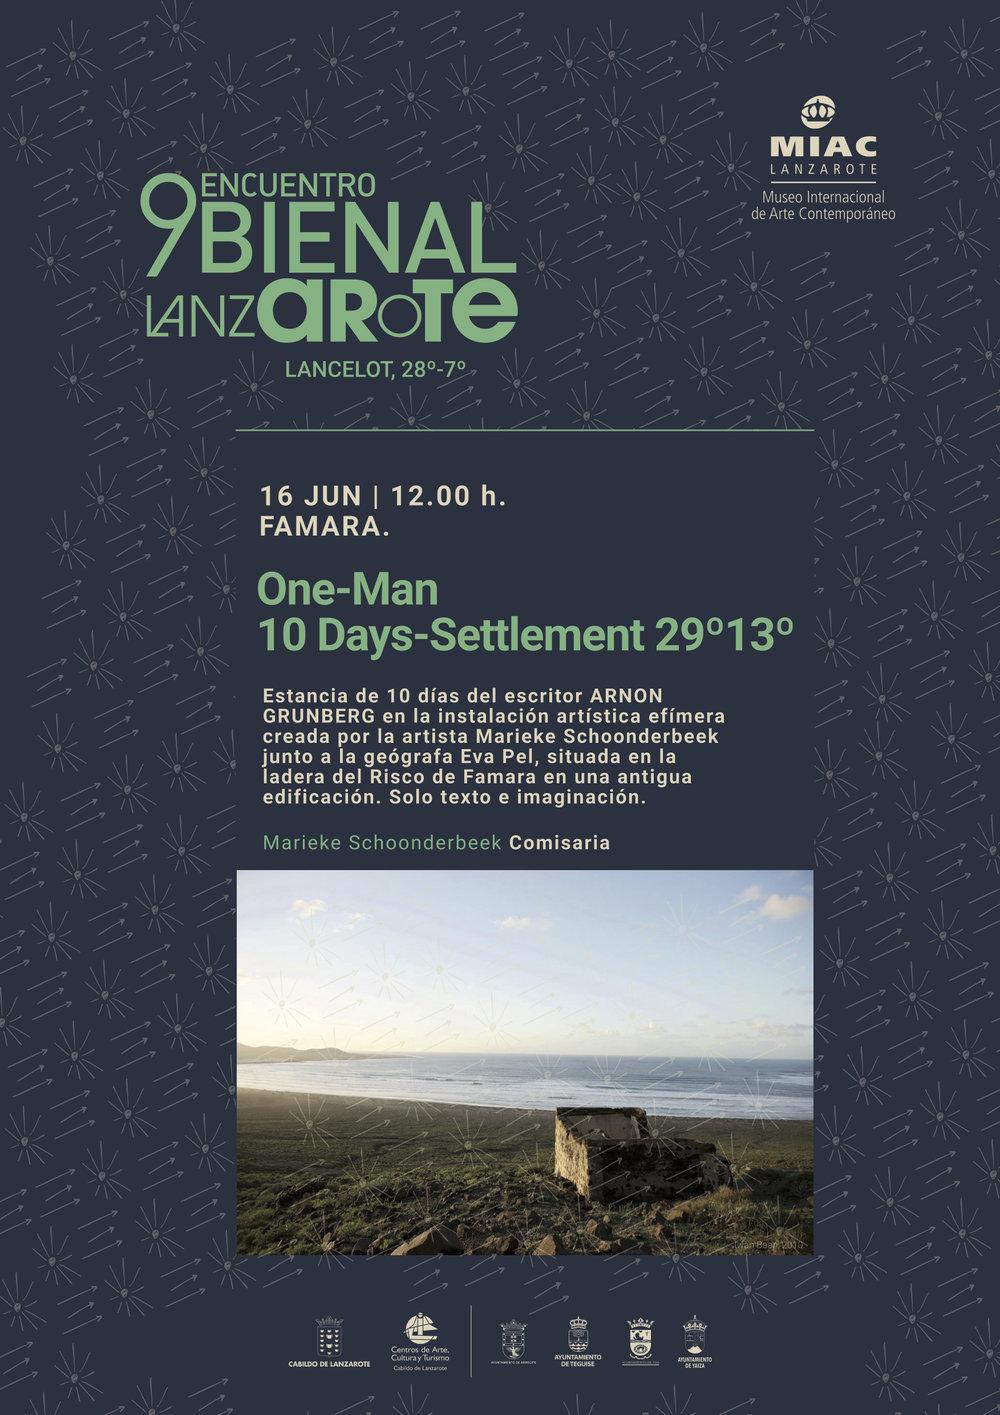 bienal17_Asentamiento-9_13-2.jpg